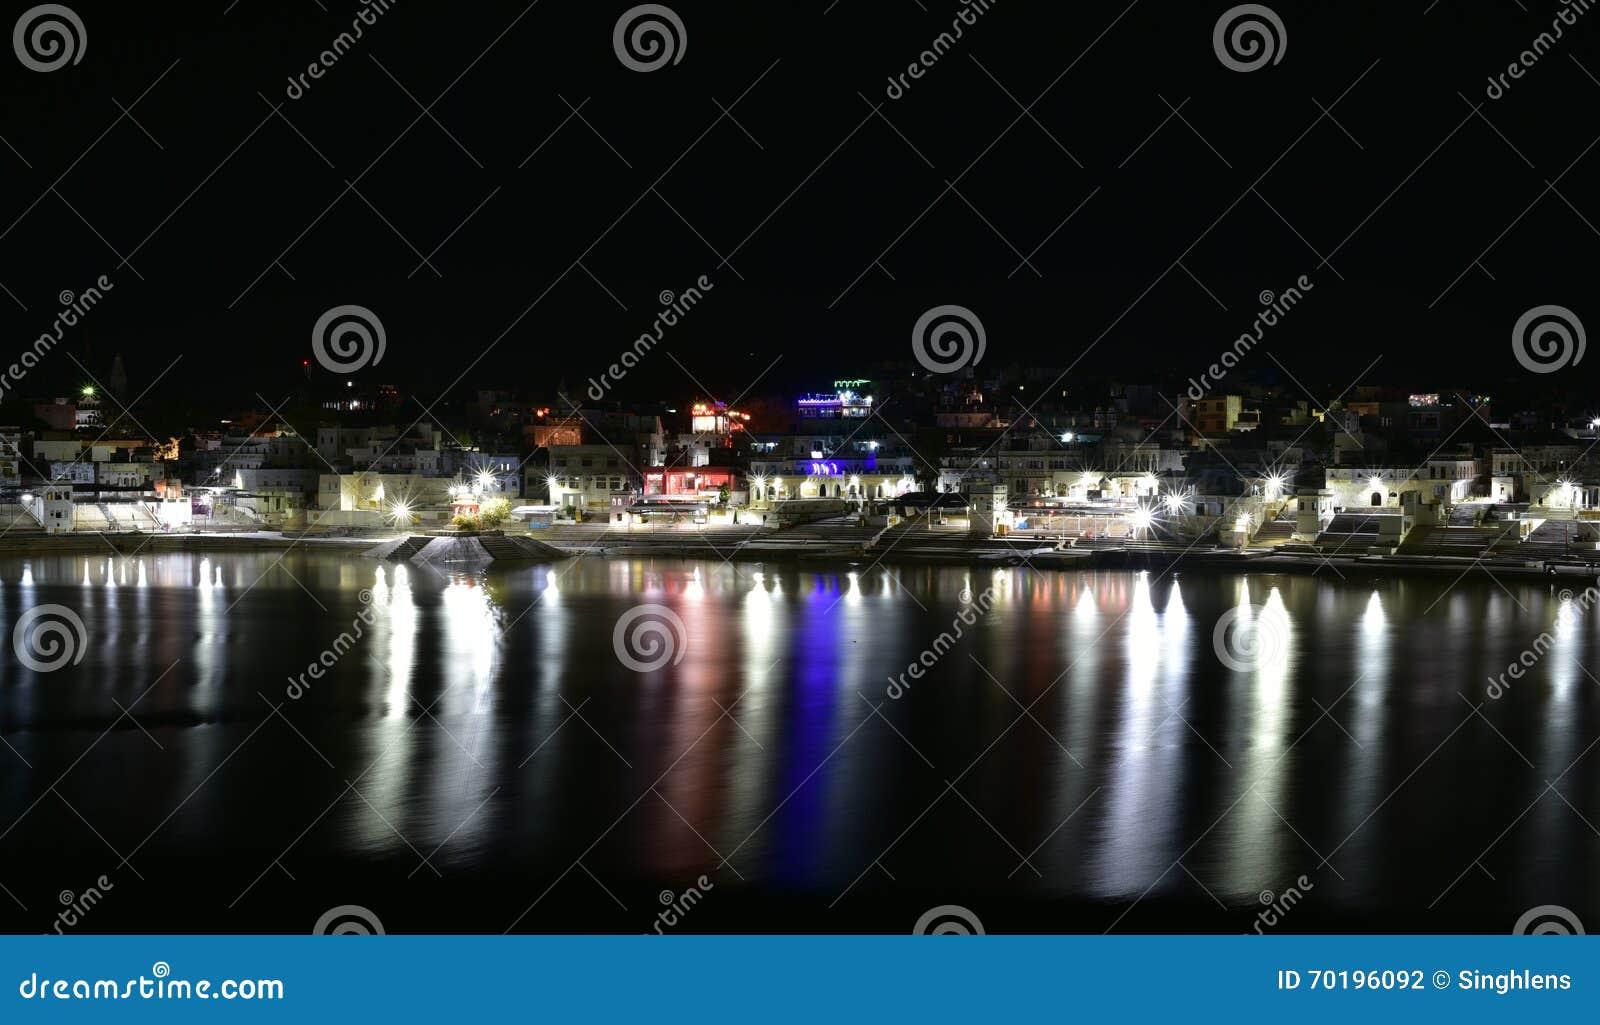 Natten sköt av Pushkar sjön eller Pushkar Sarovar på Pushkar - Rajasthan - Indien